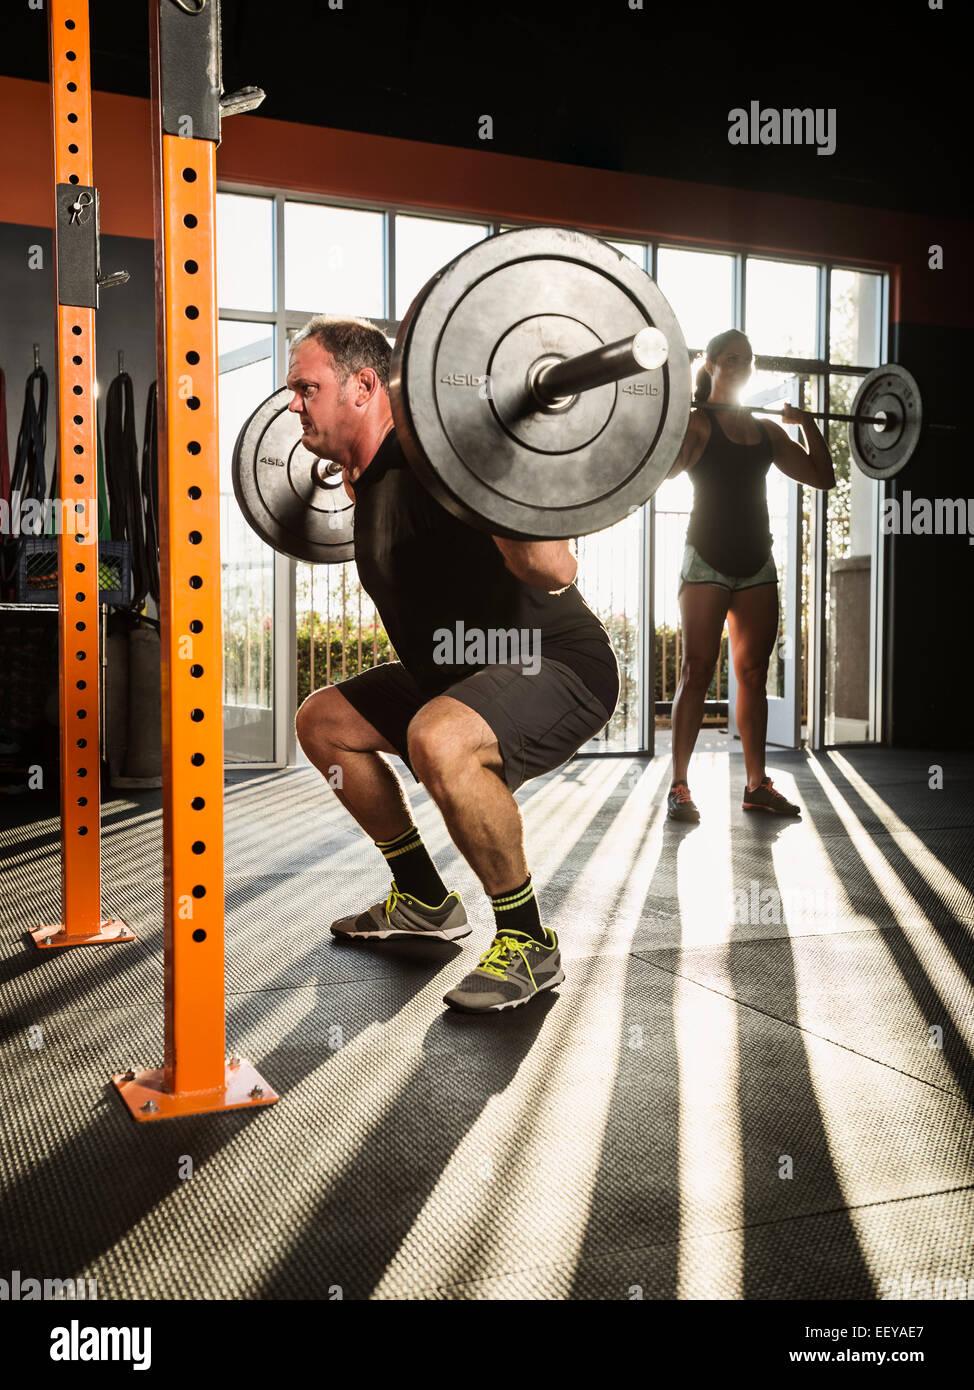 El hombre y la mujer haciendo ejercicio en el gimnasio Imagen De Stock